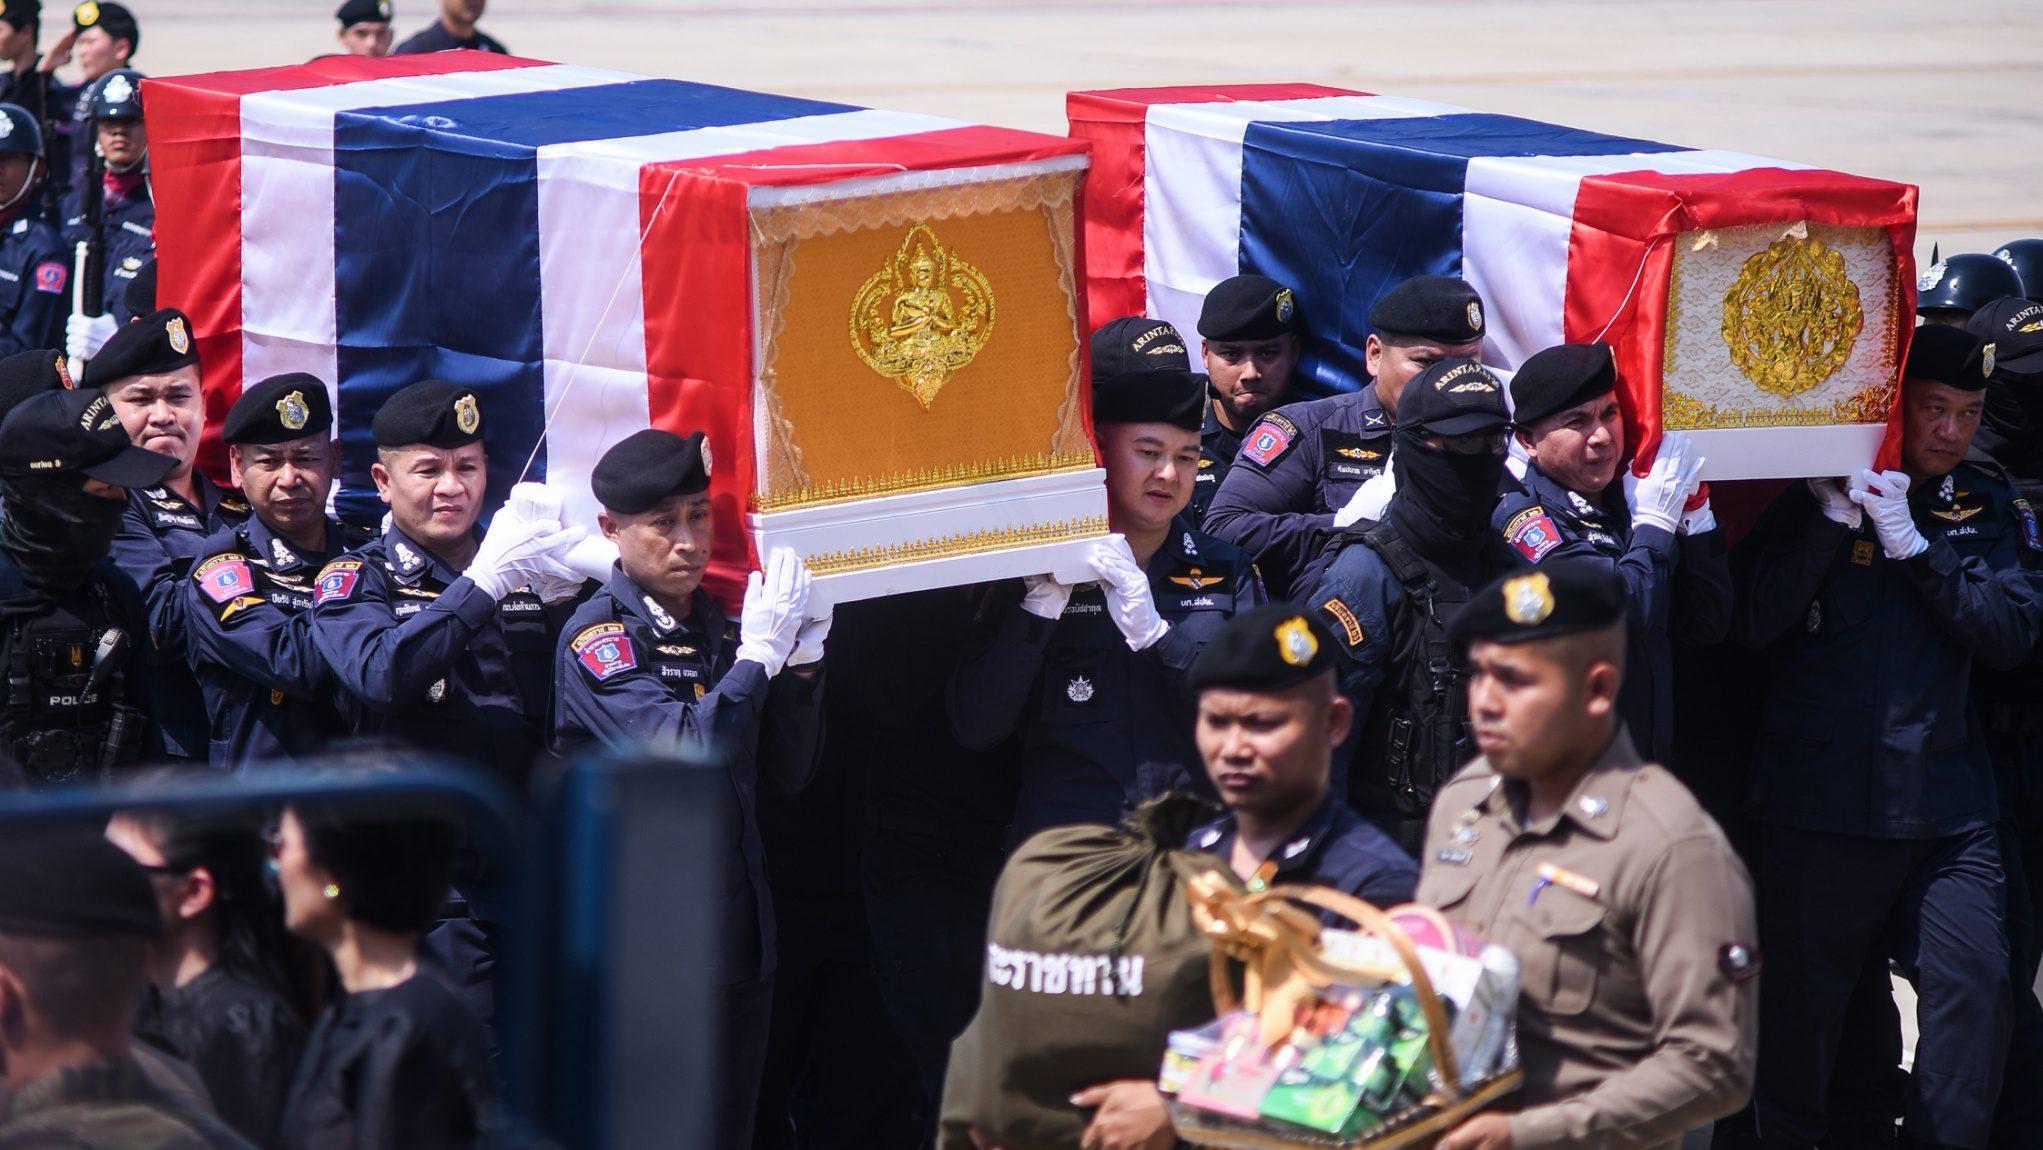 ประมวลภาพ ขบวนเกียรติยศ เคลื่อนร่างตำรวจฮีโร่ พลีชีพในเหตุกราดยิงโคราช